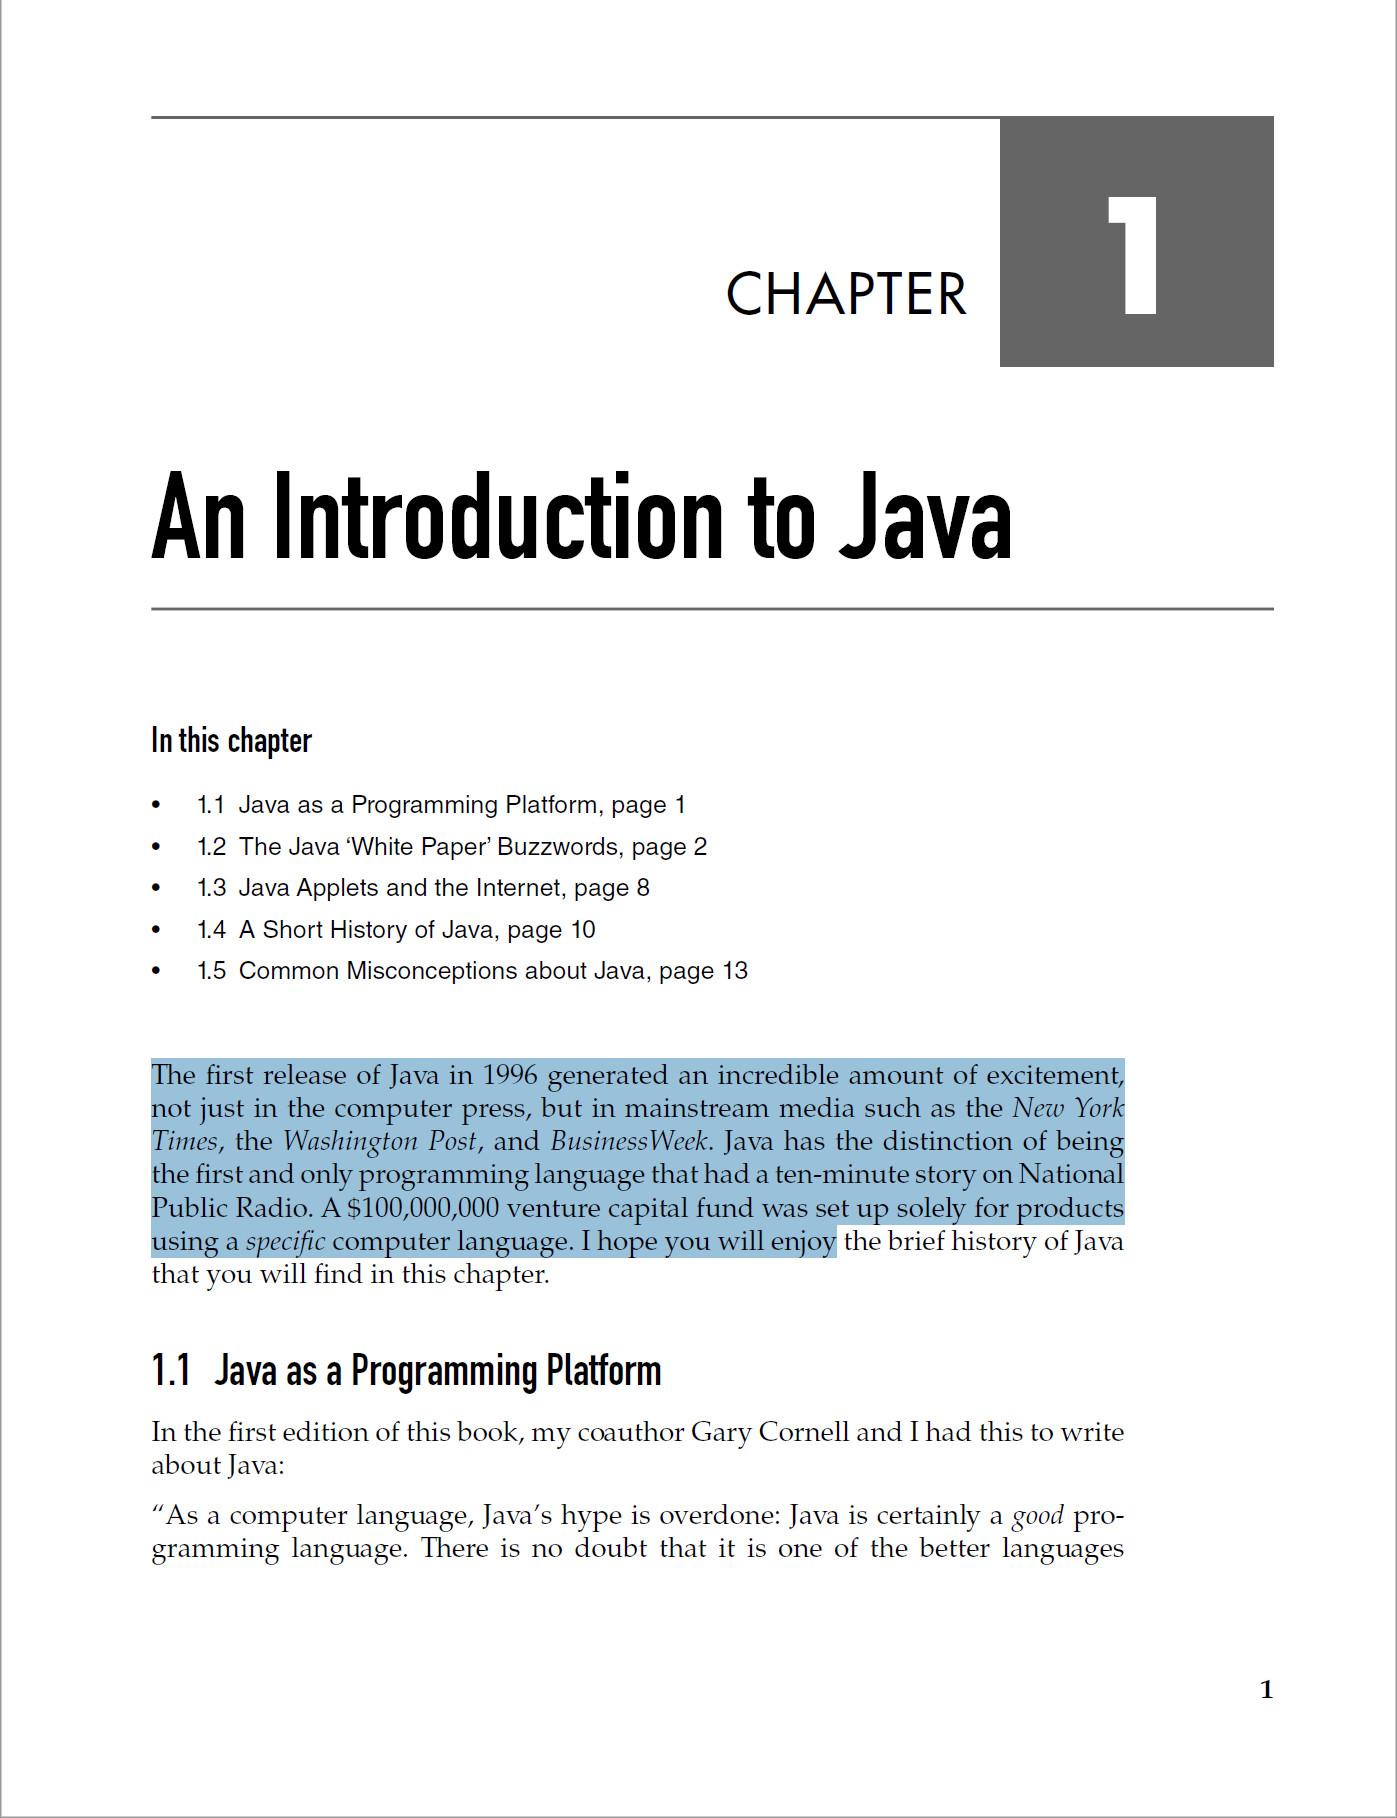 хорстманн java основы pdf скачать